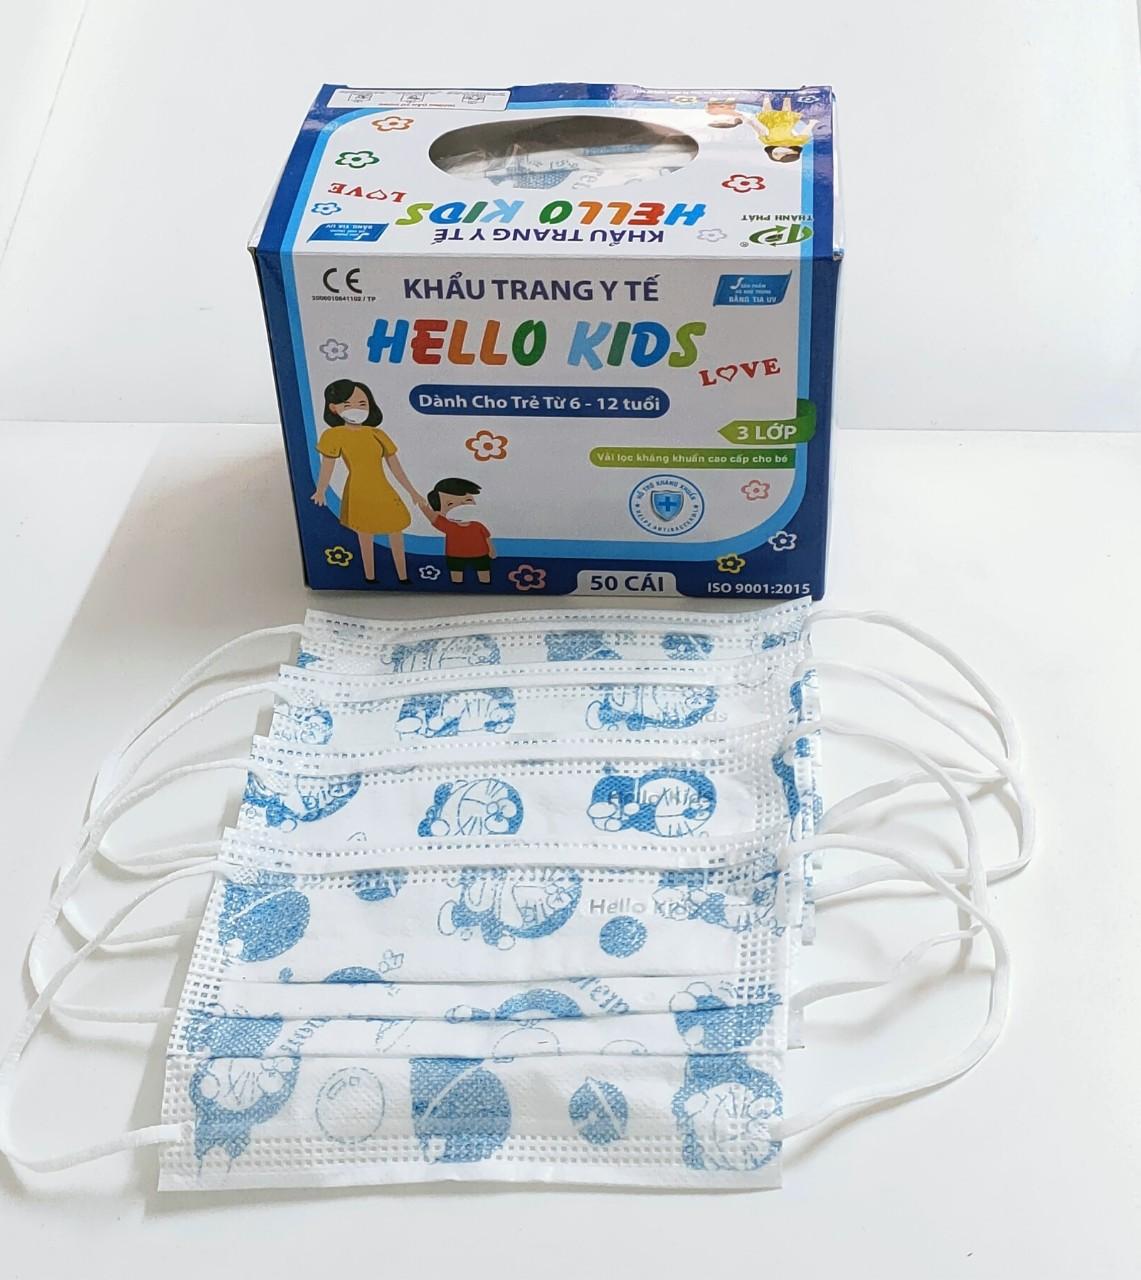 Khẩu Trang Y Tế Hello Kids (3 Lớp - hoạ tiết Đoremon)